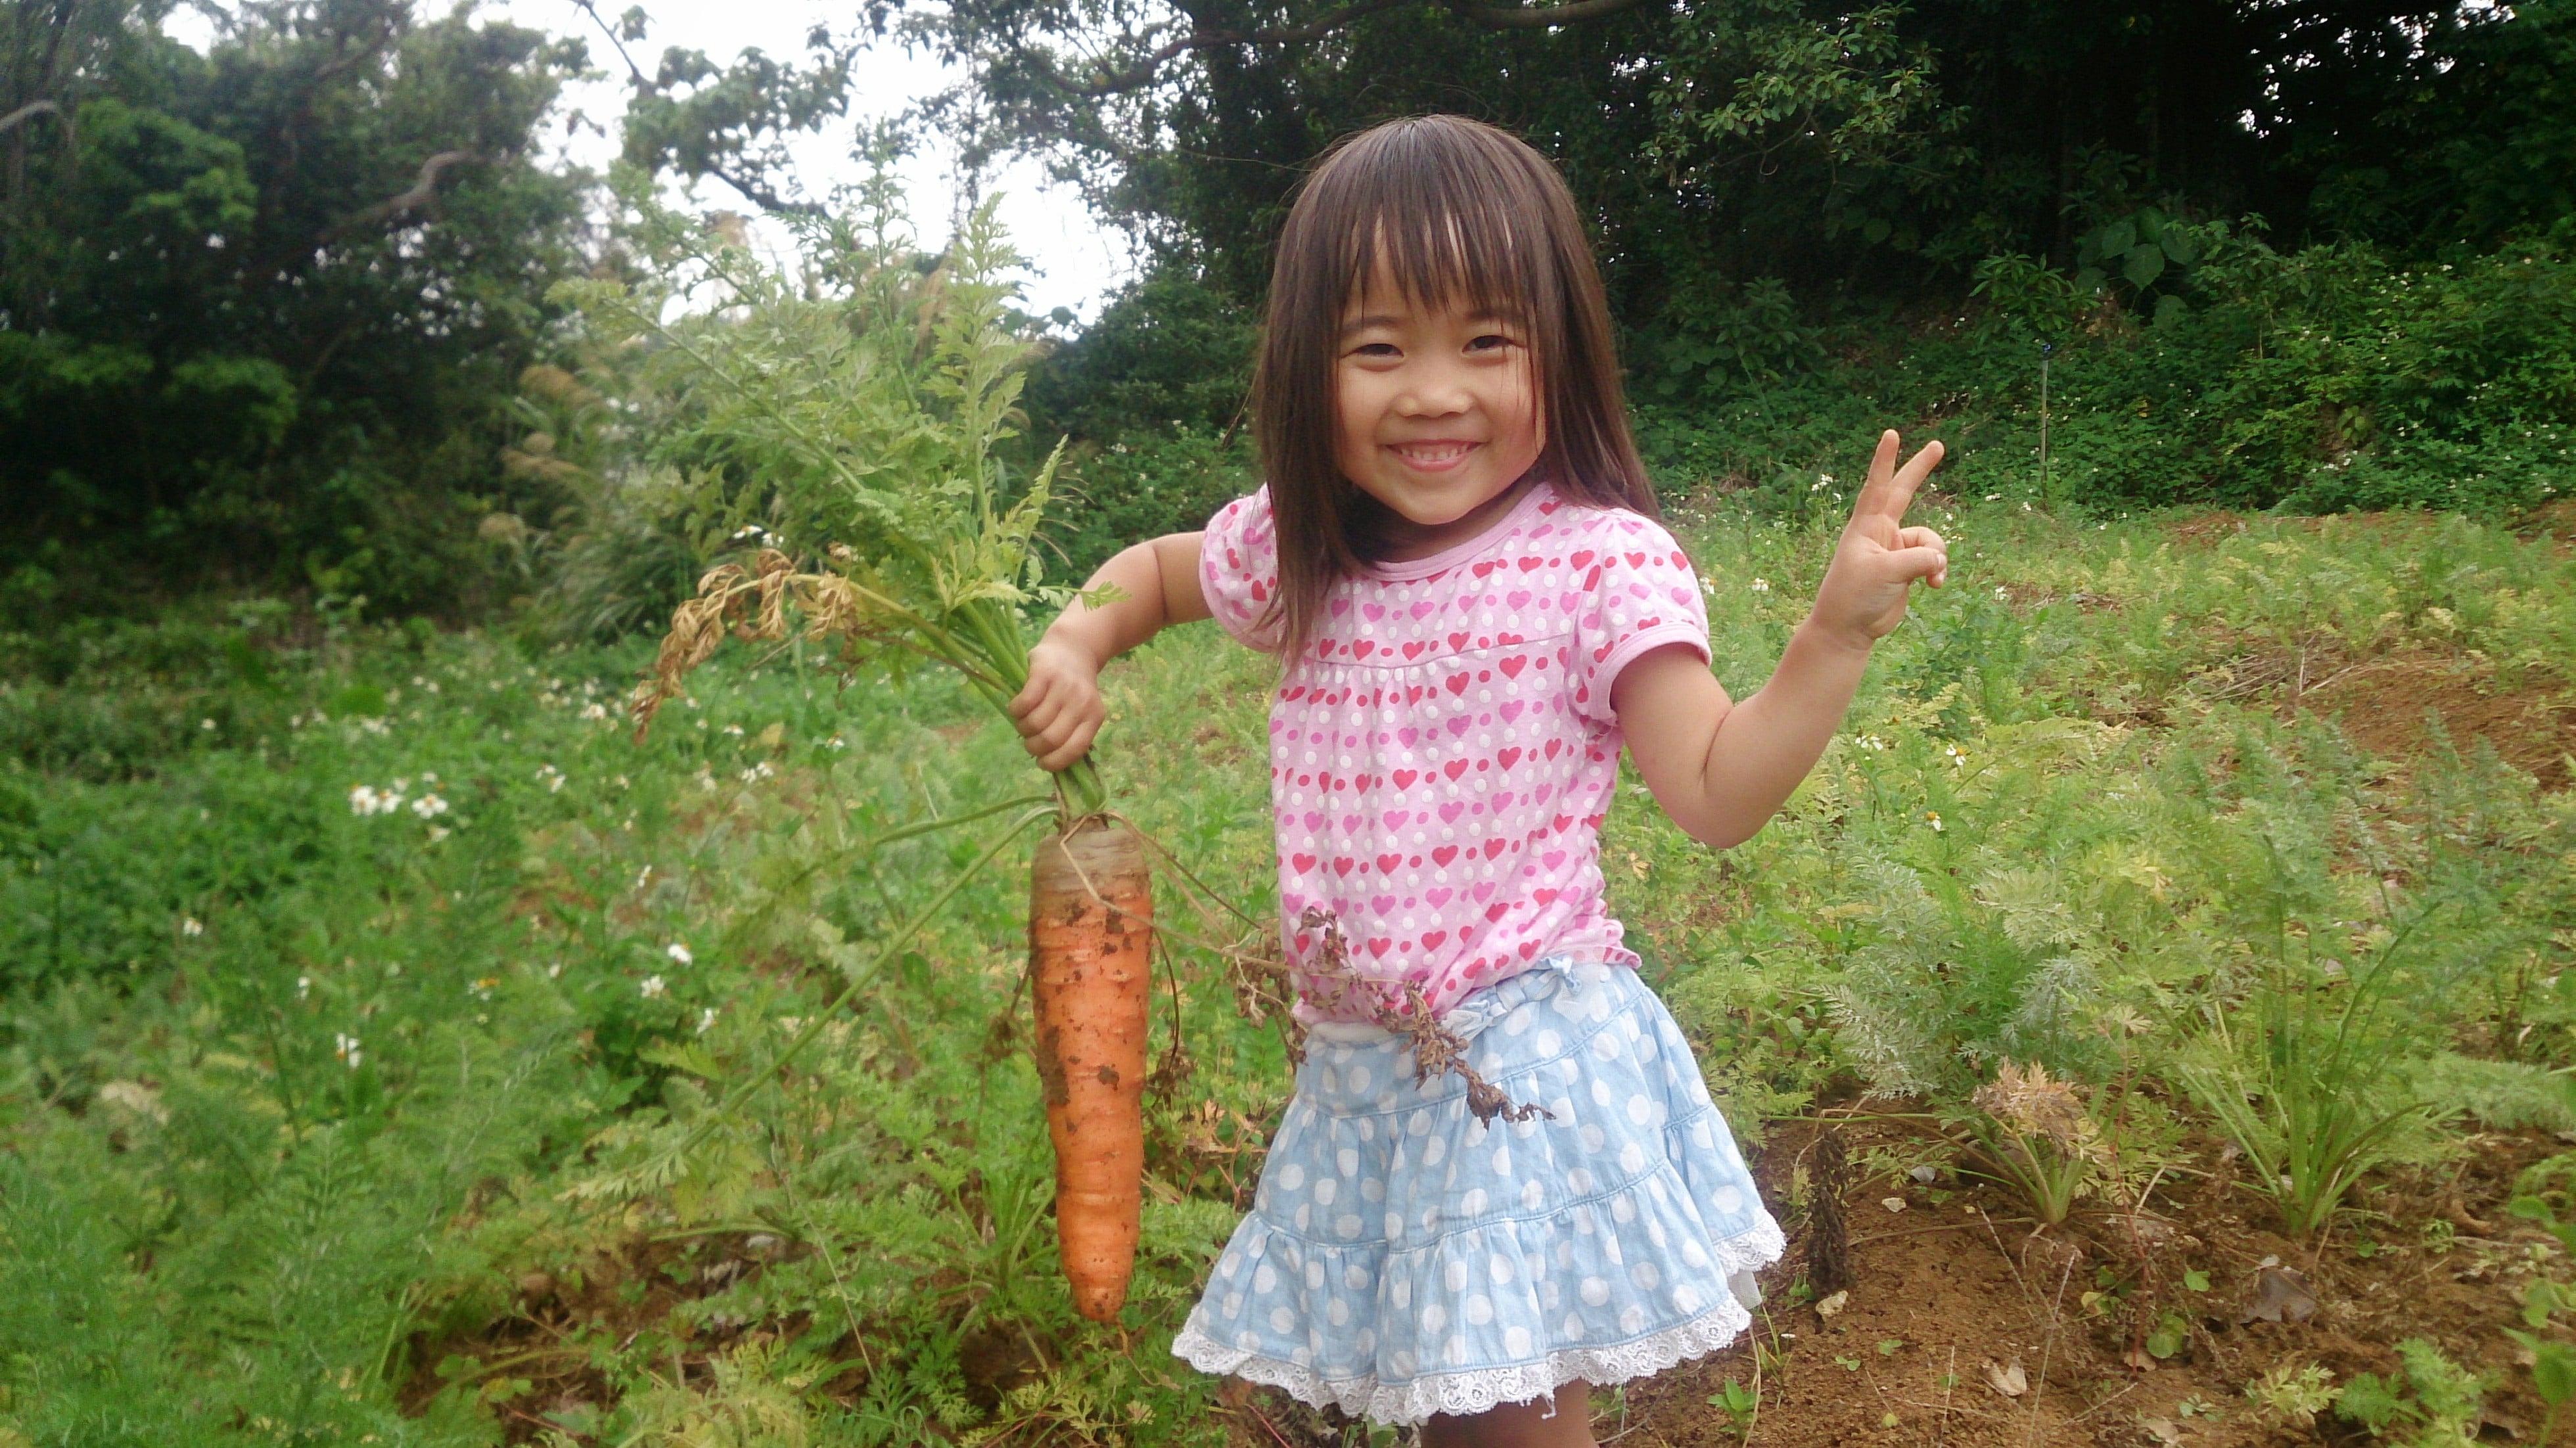 【メルマガ会員様限定】人参収穫体験のイメージその3